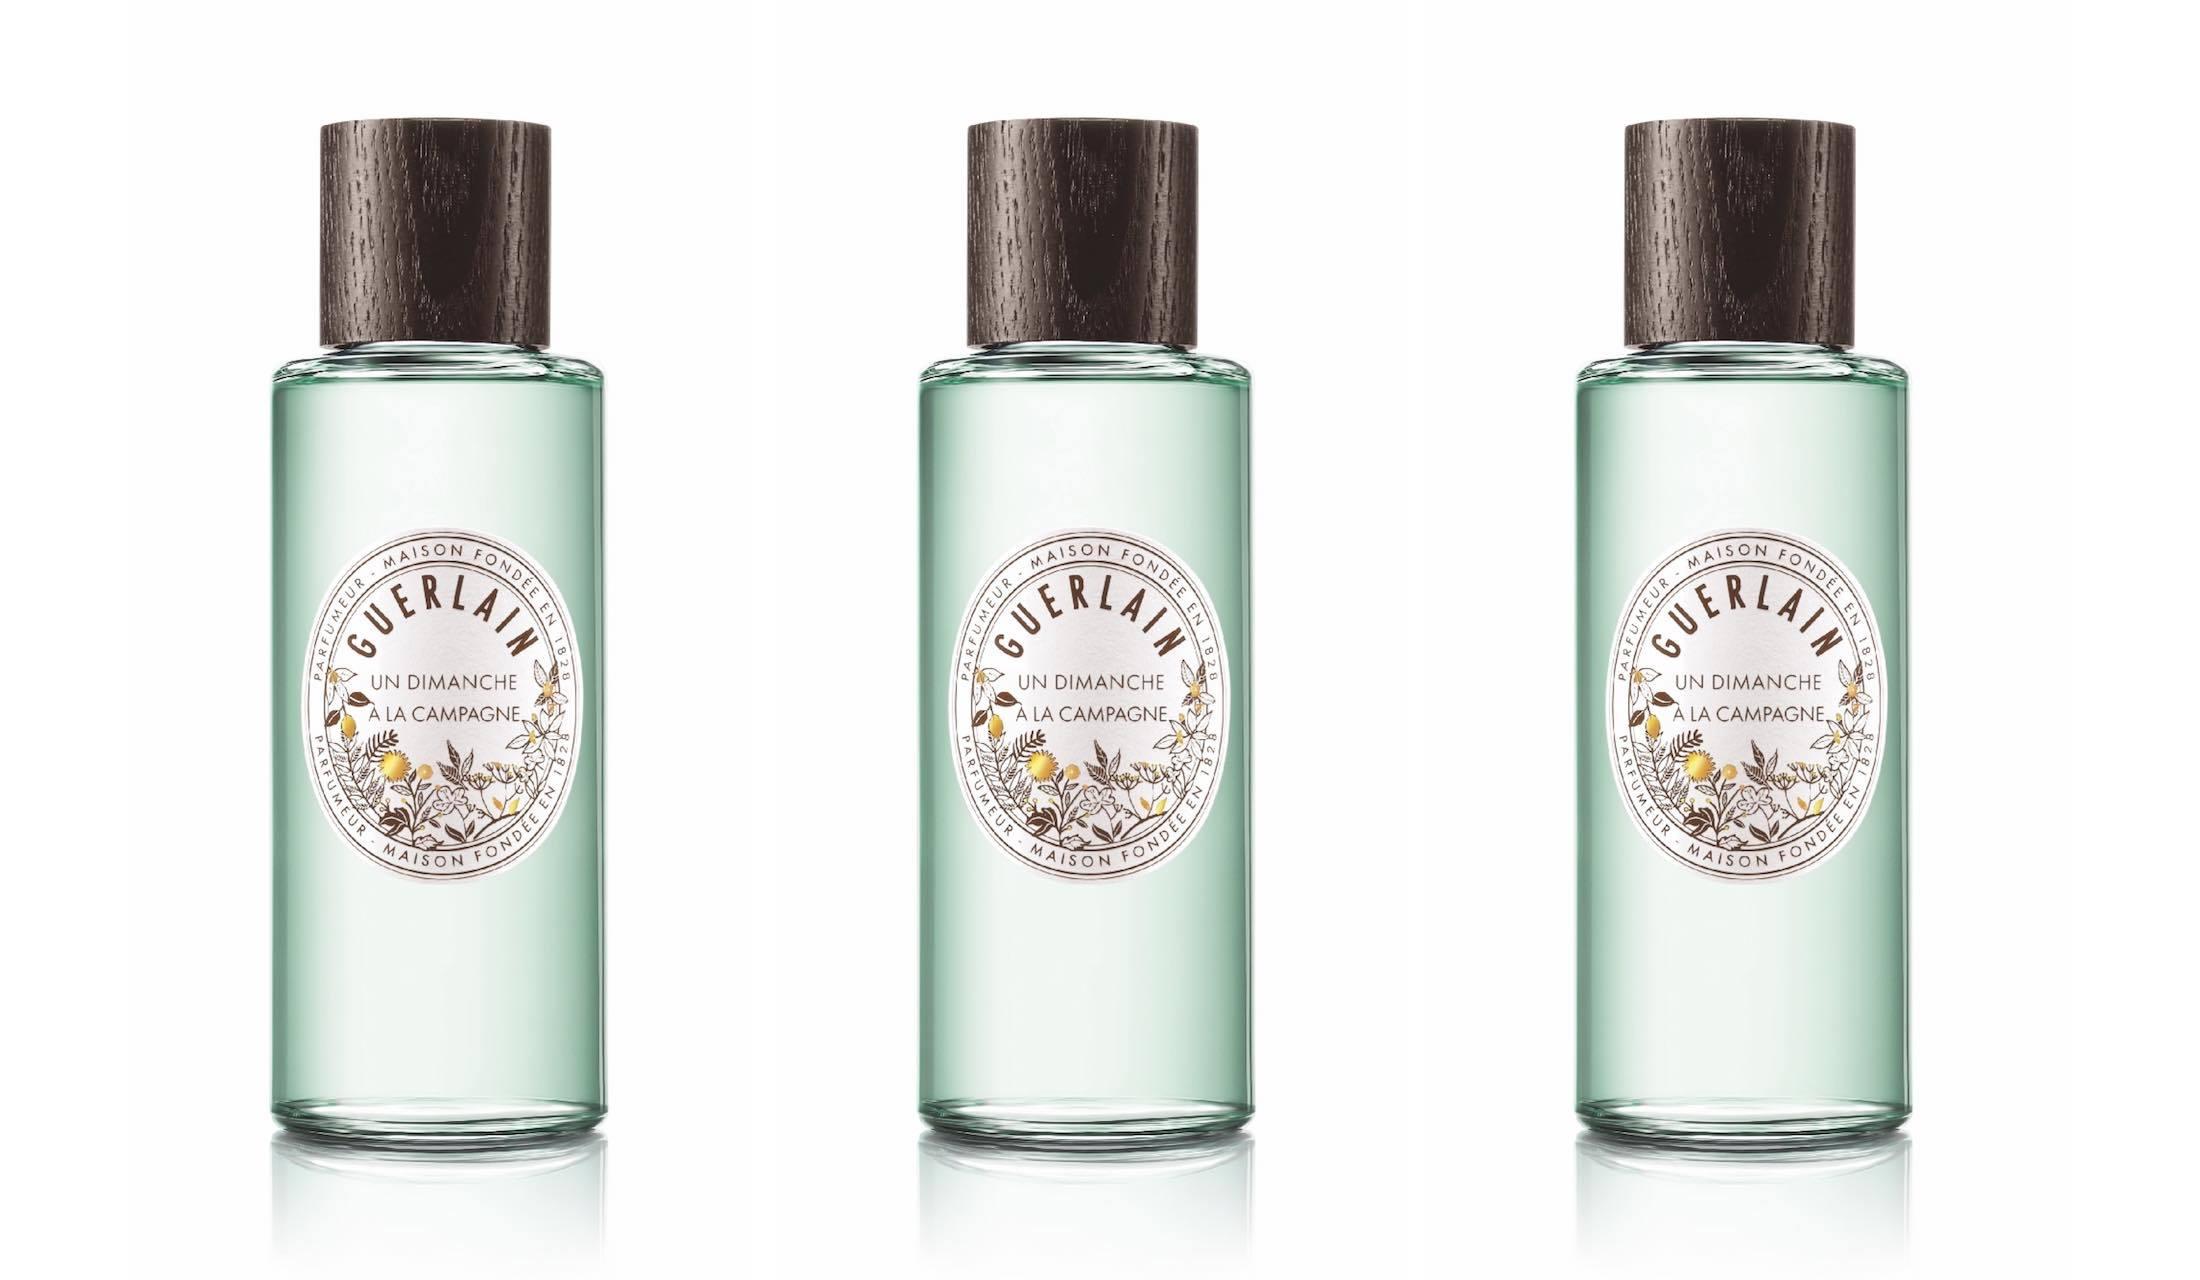 ゲランの香水「アン ディマンシュ ア ラ カンパーニュ」